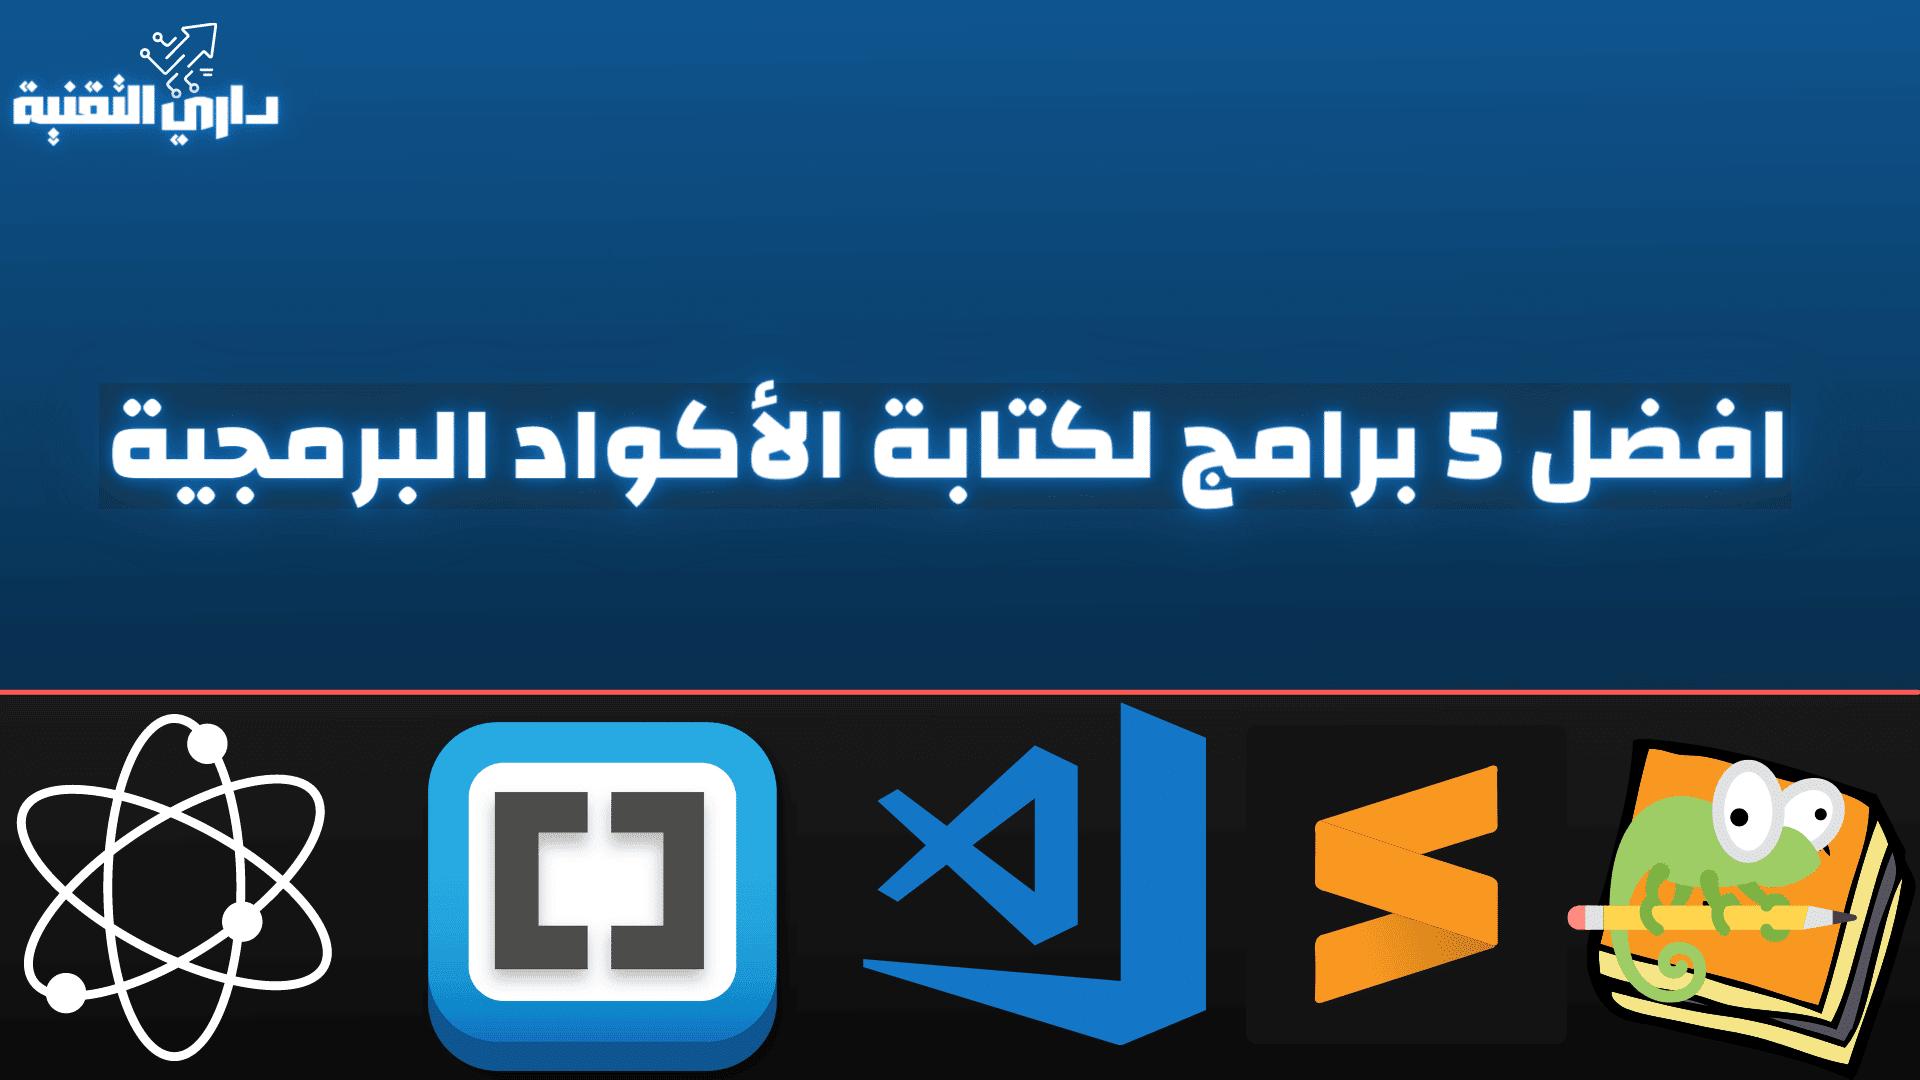 افضل 5 برامج لكتابة الأكواد البرمجية